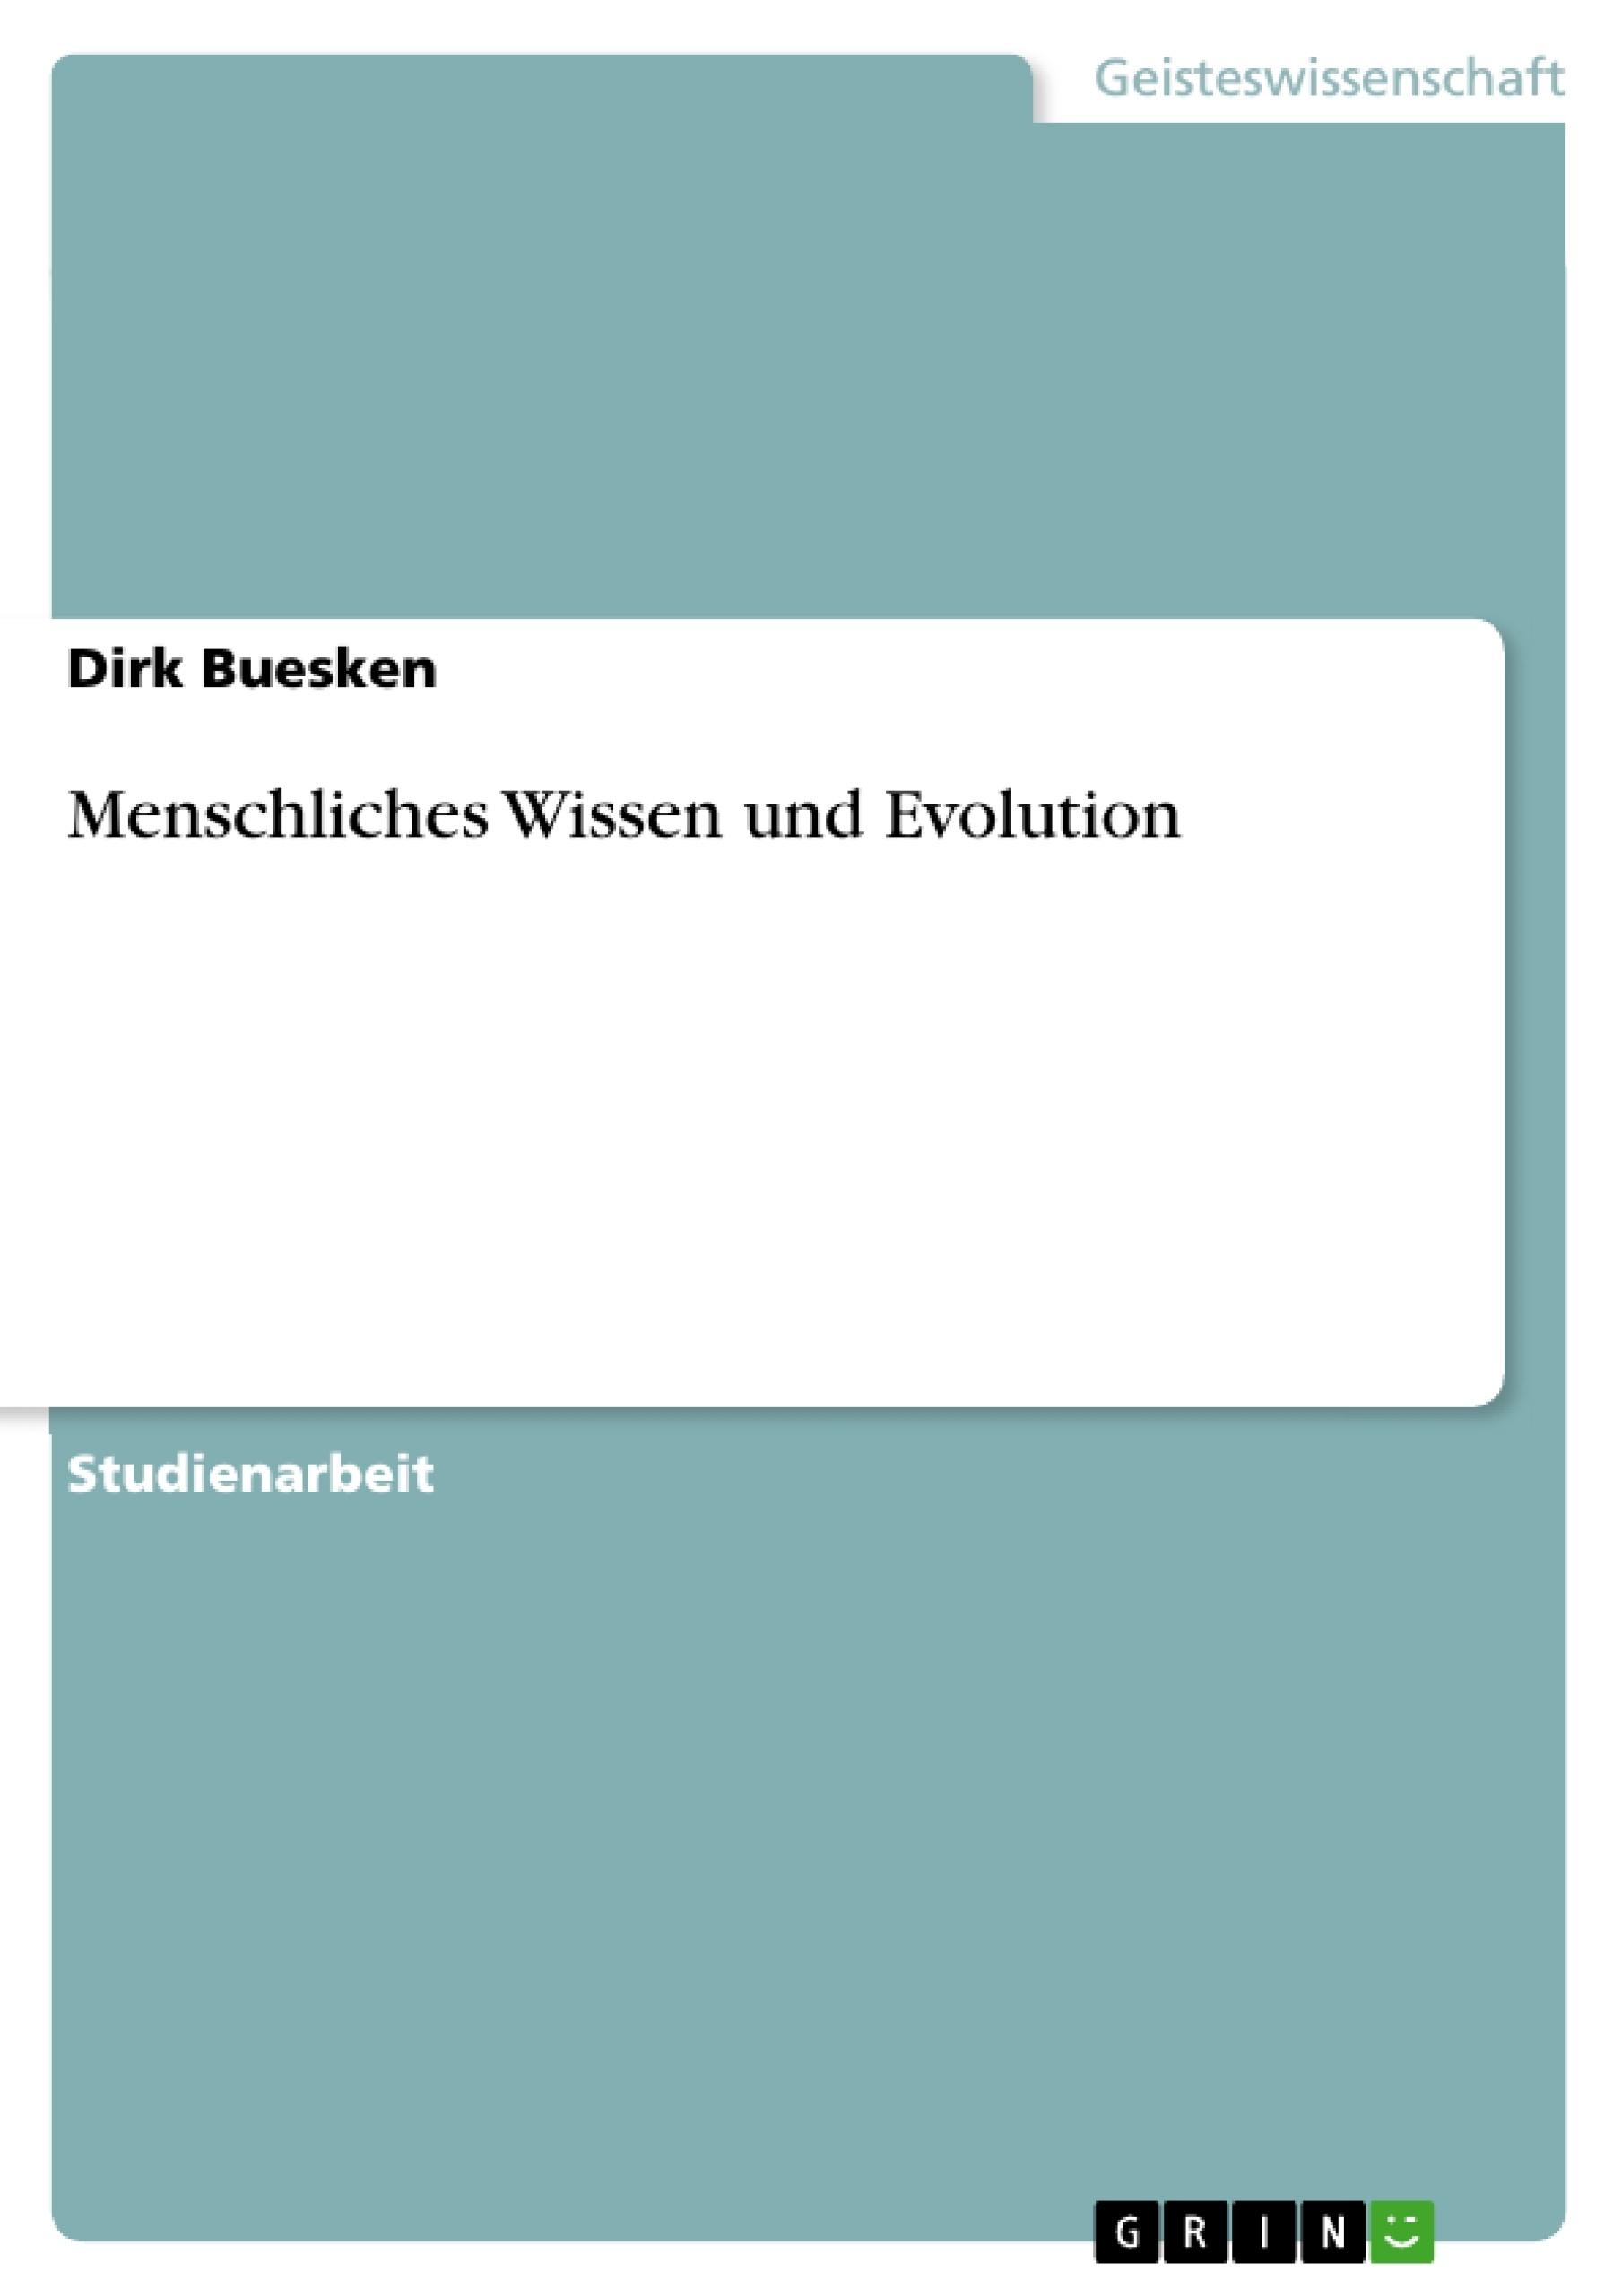 Titel: Menschliches Wissen und Evolution